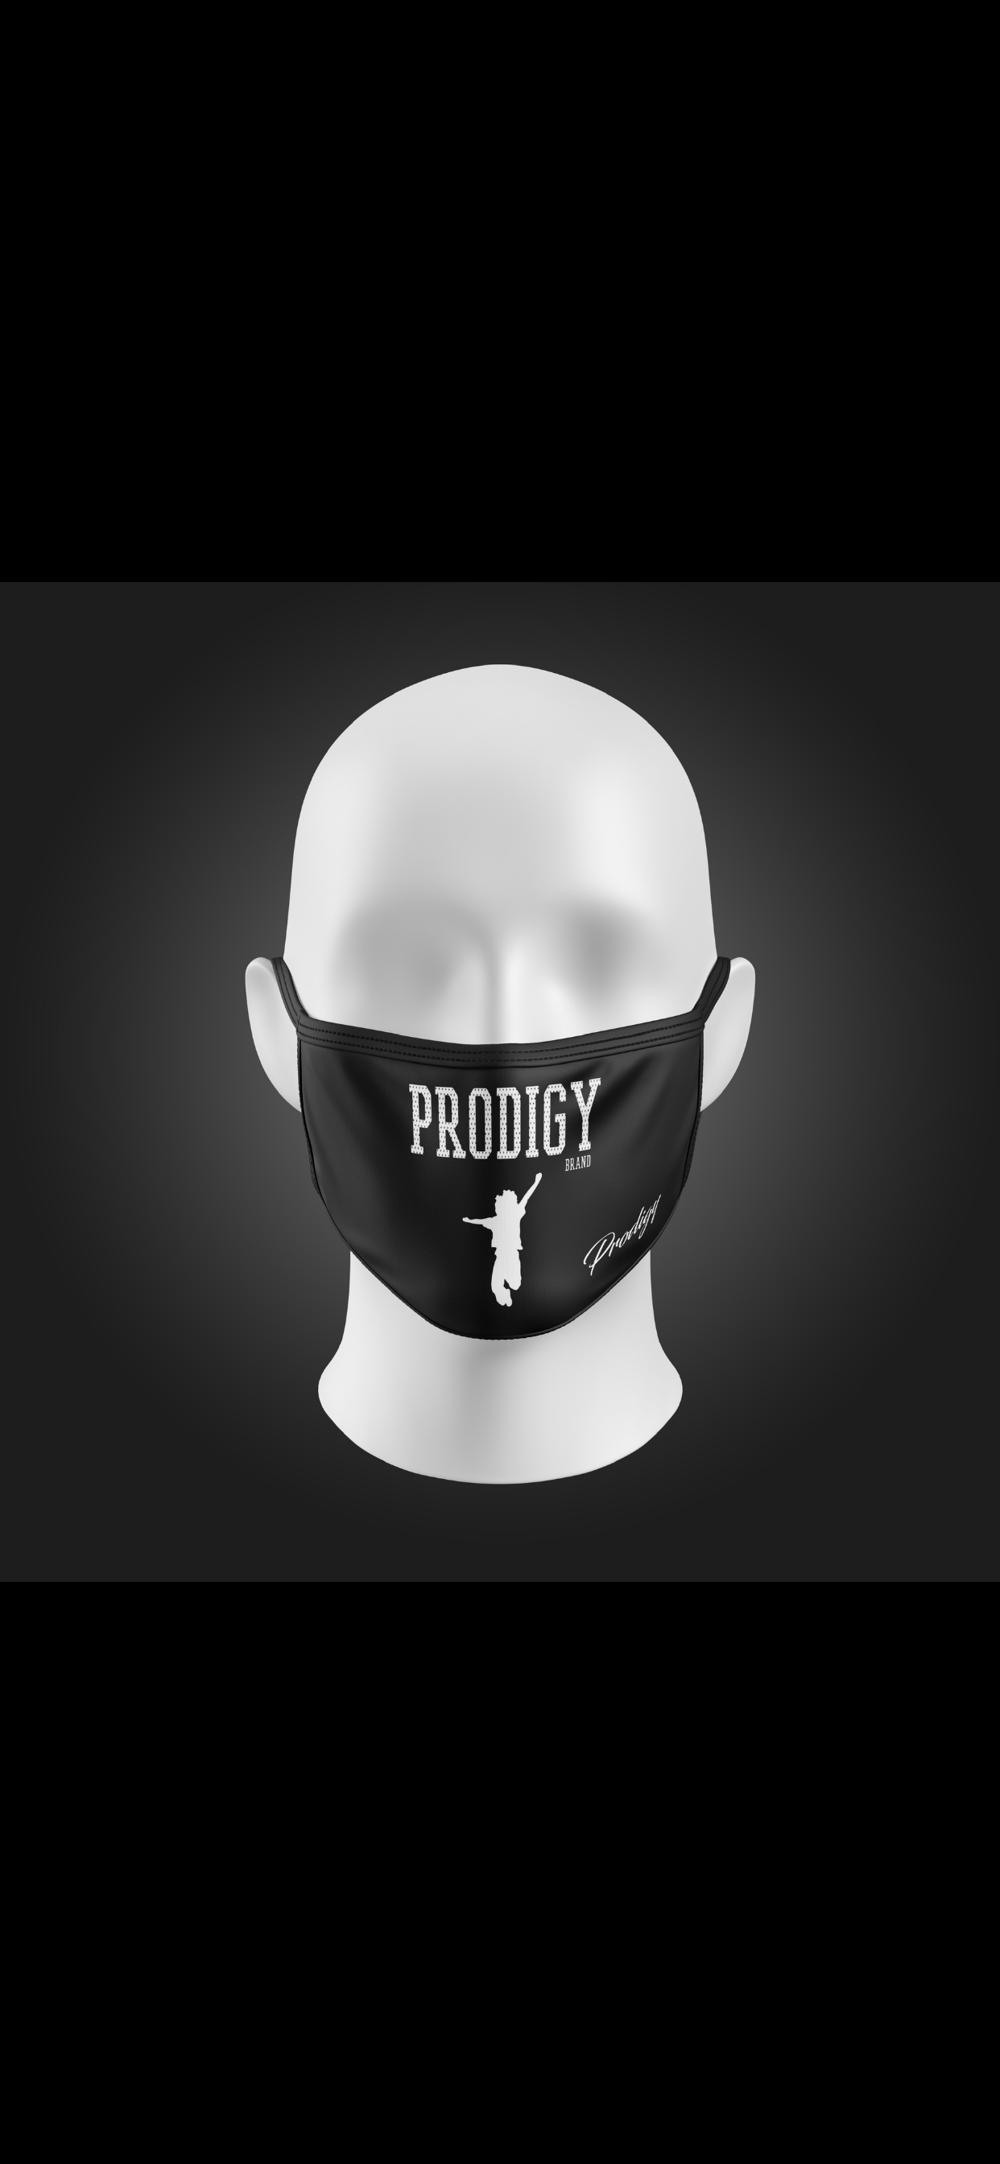 BRAND PRODIGY BLACK FACE MASK